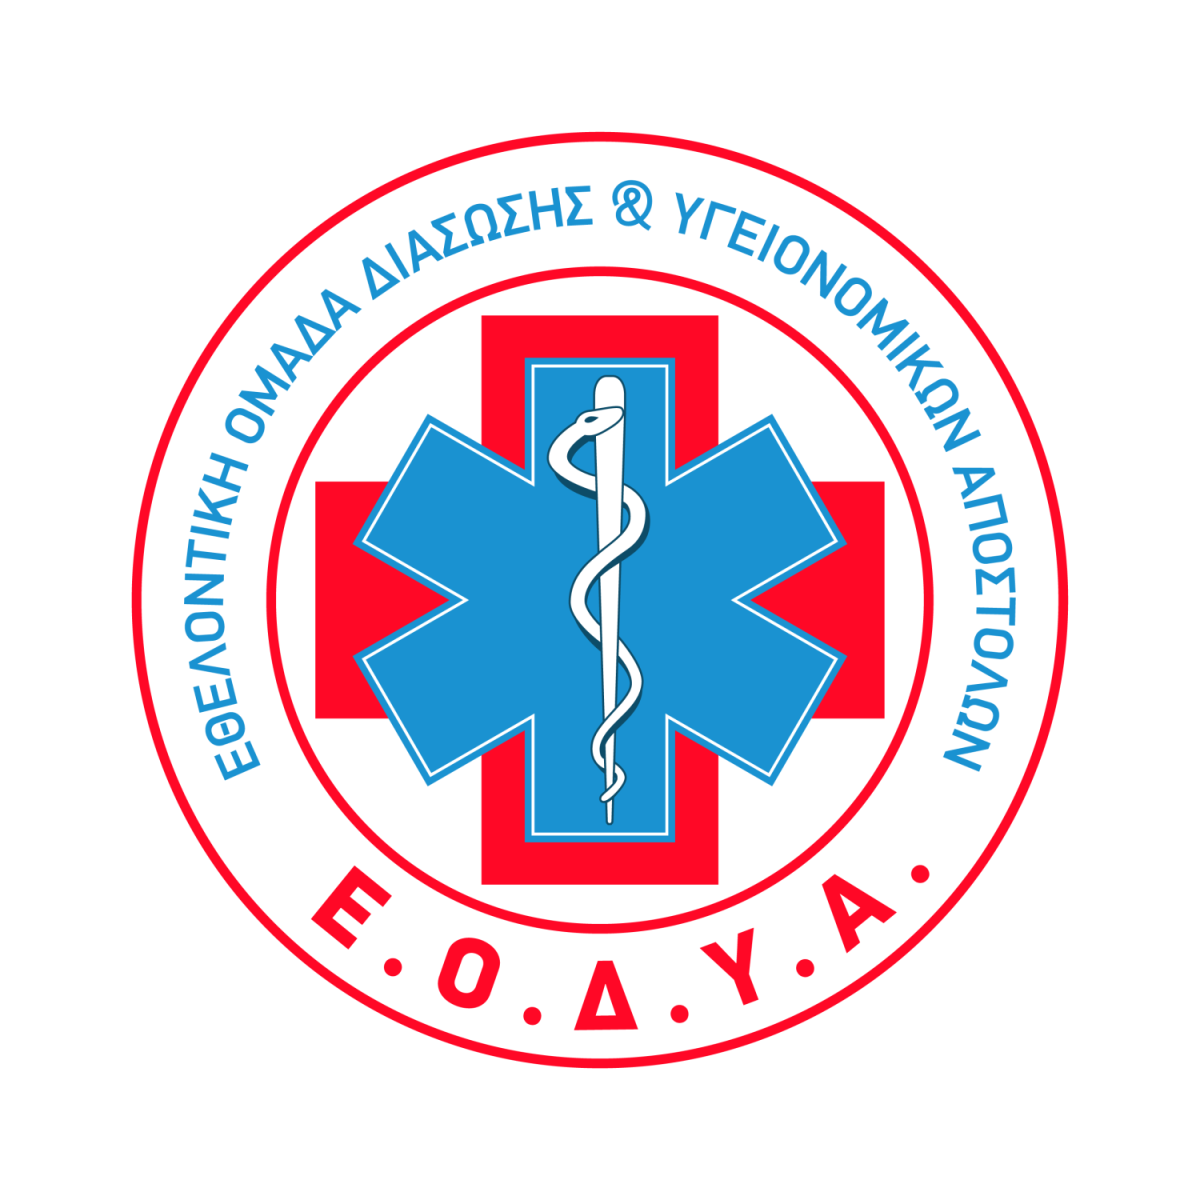 Εγγραφές στην Εθελοντική Ομάδα Διάσωσης και Υγειονομικών Αποστολών